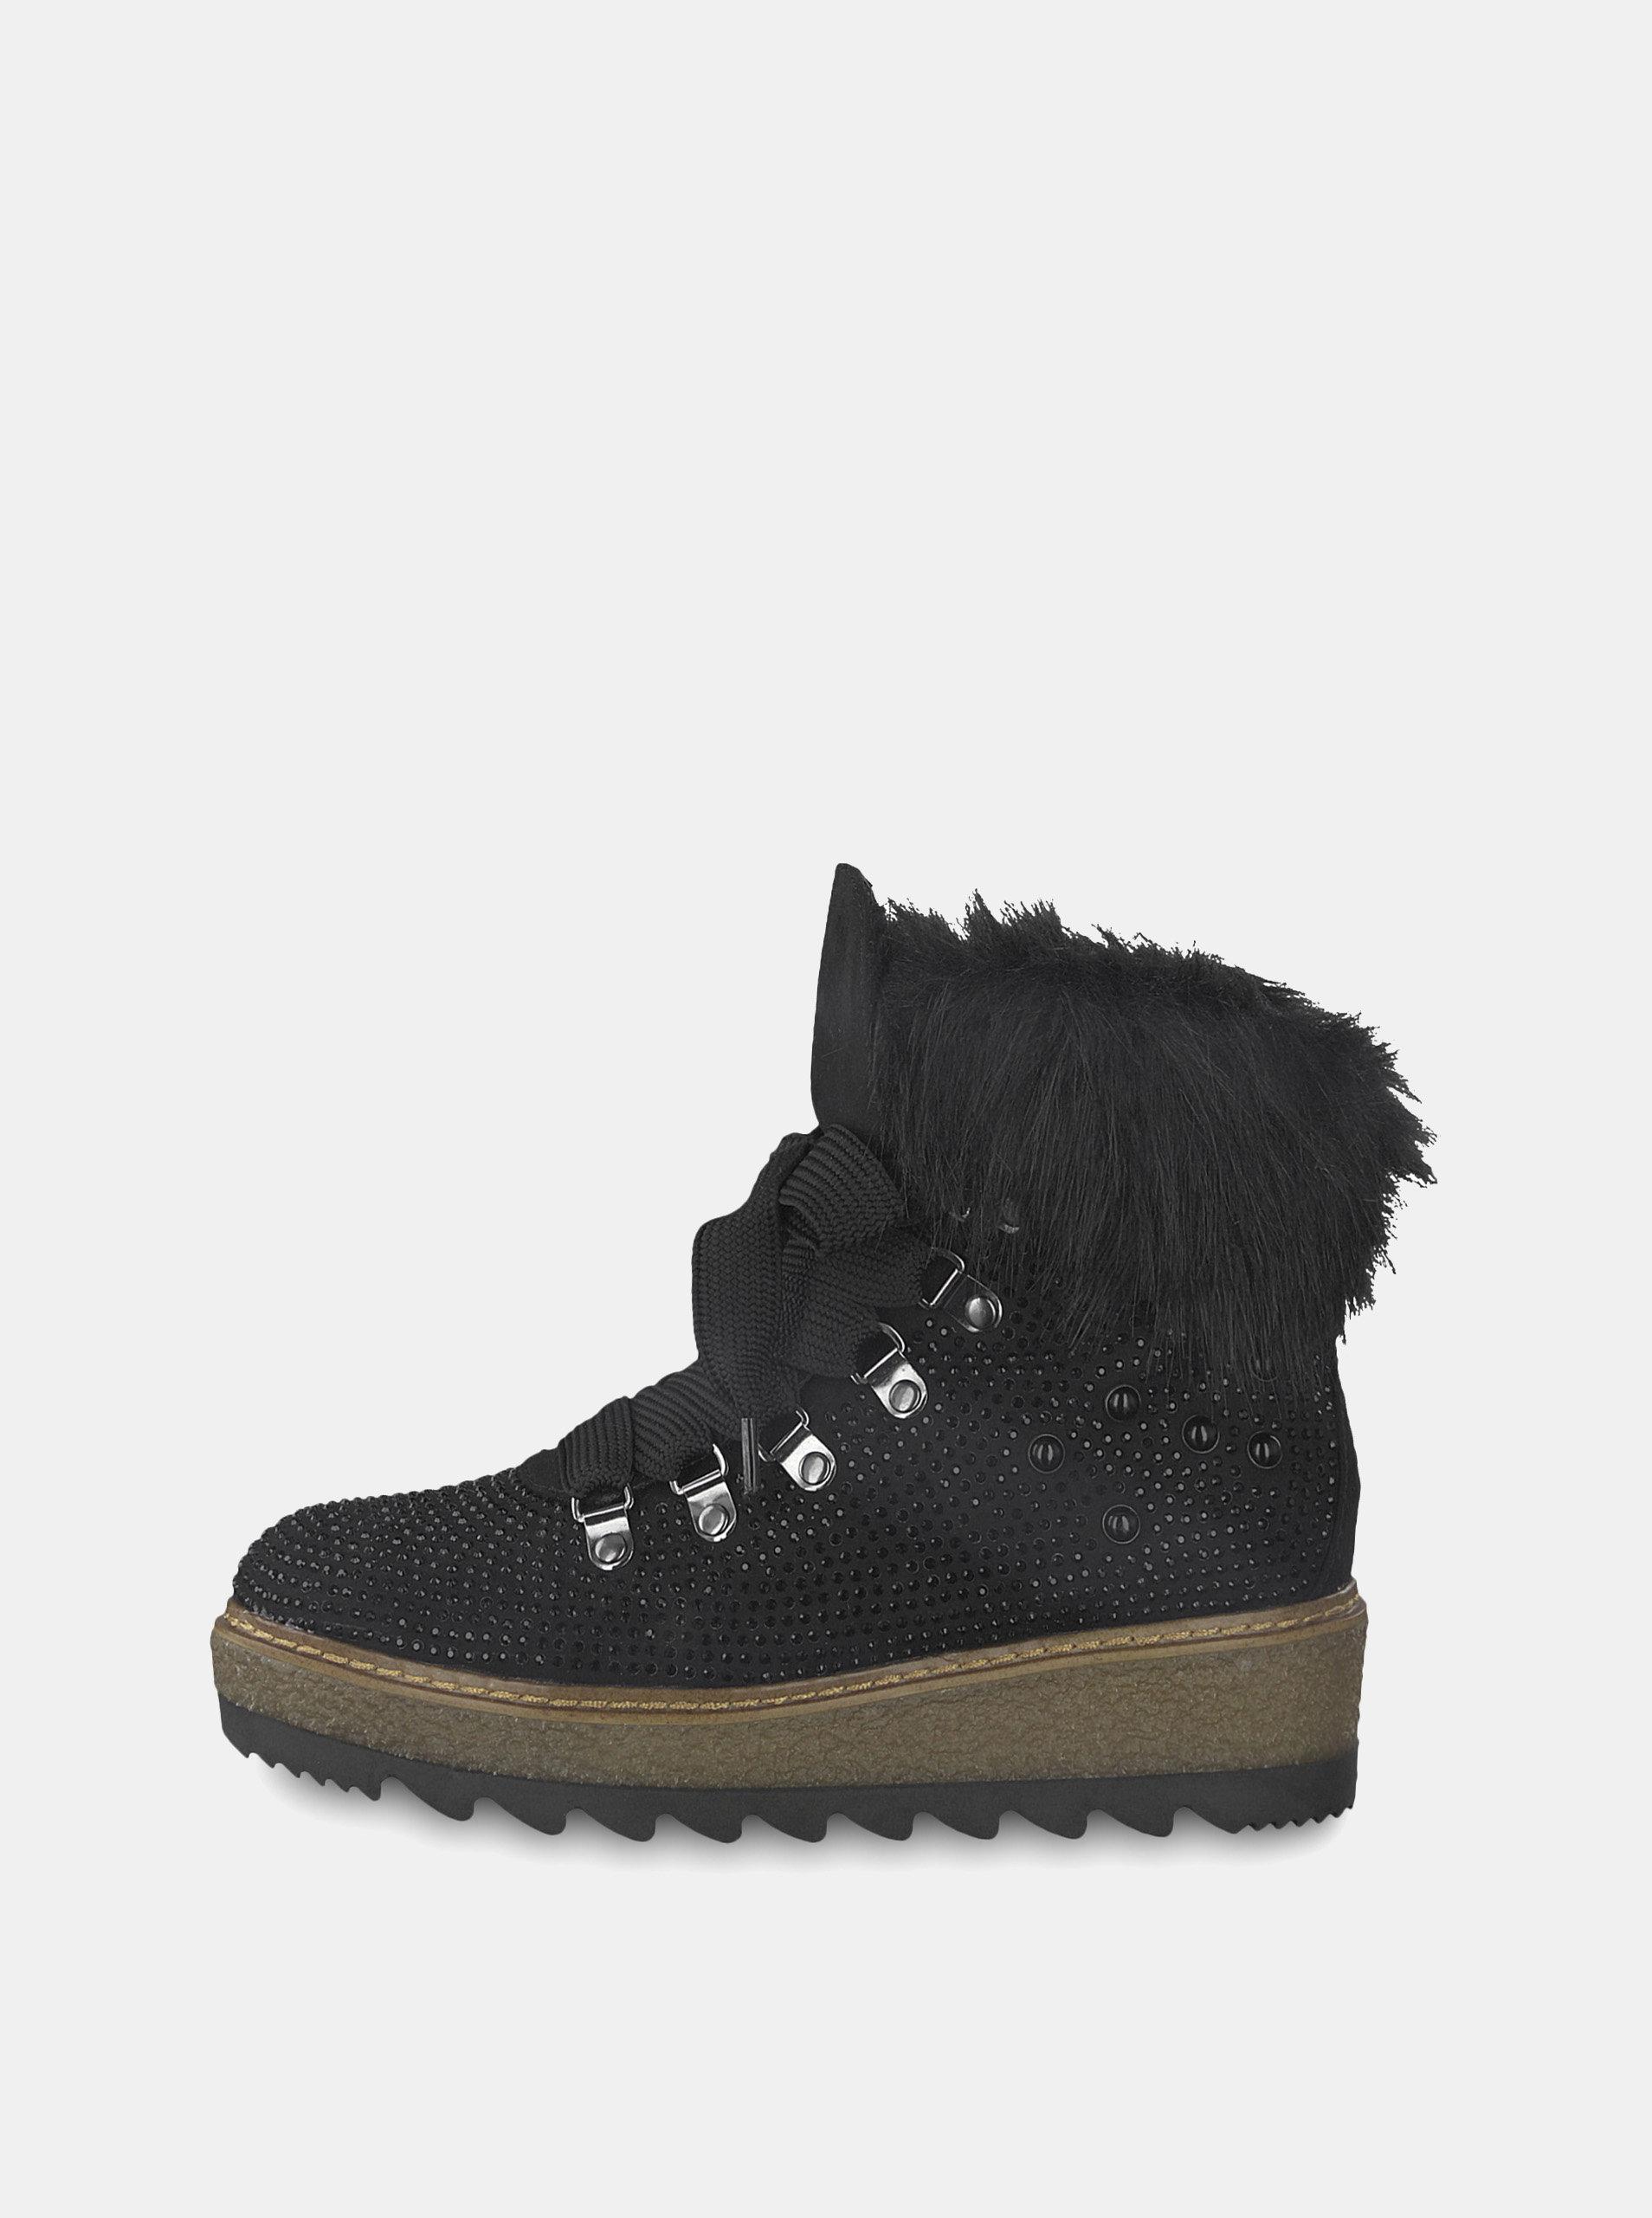 d0d095911cee Černé zimní boty v semišové úpravě na platformě s ozdobnými kamínky Tamaris  ...